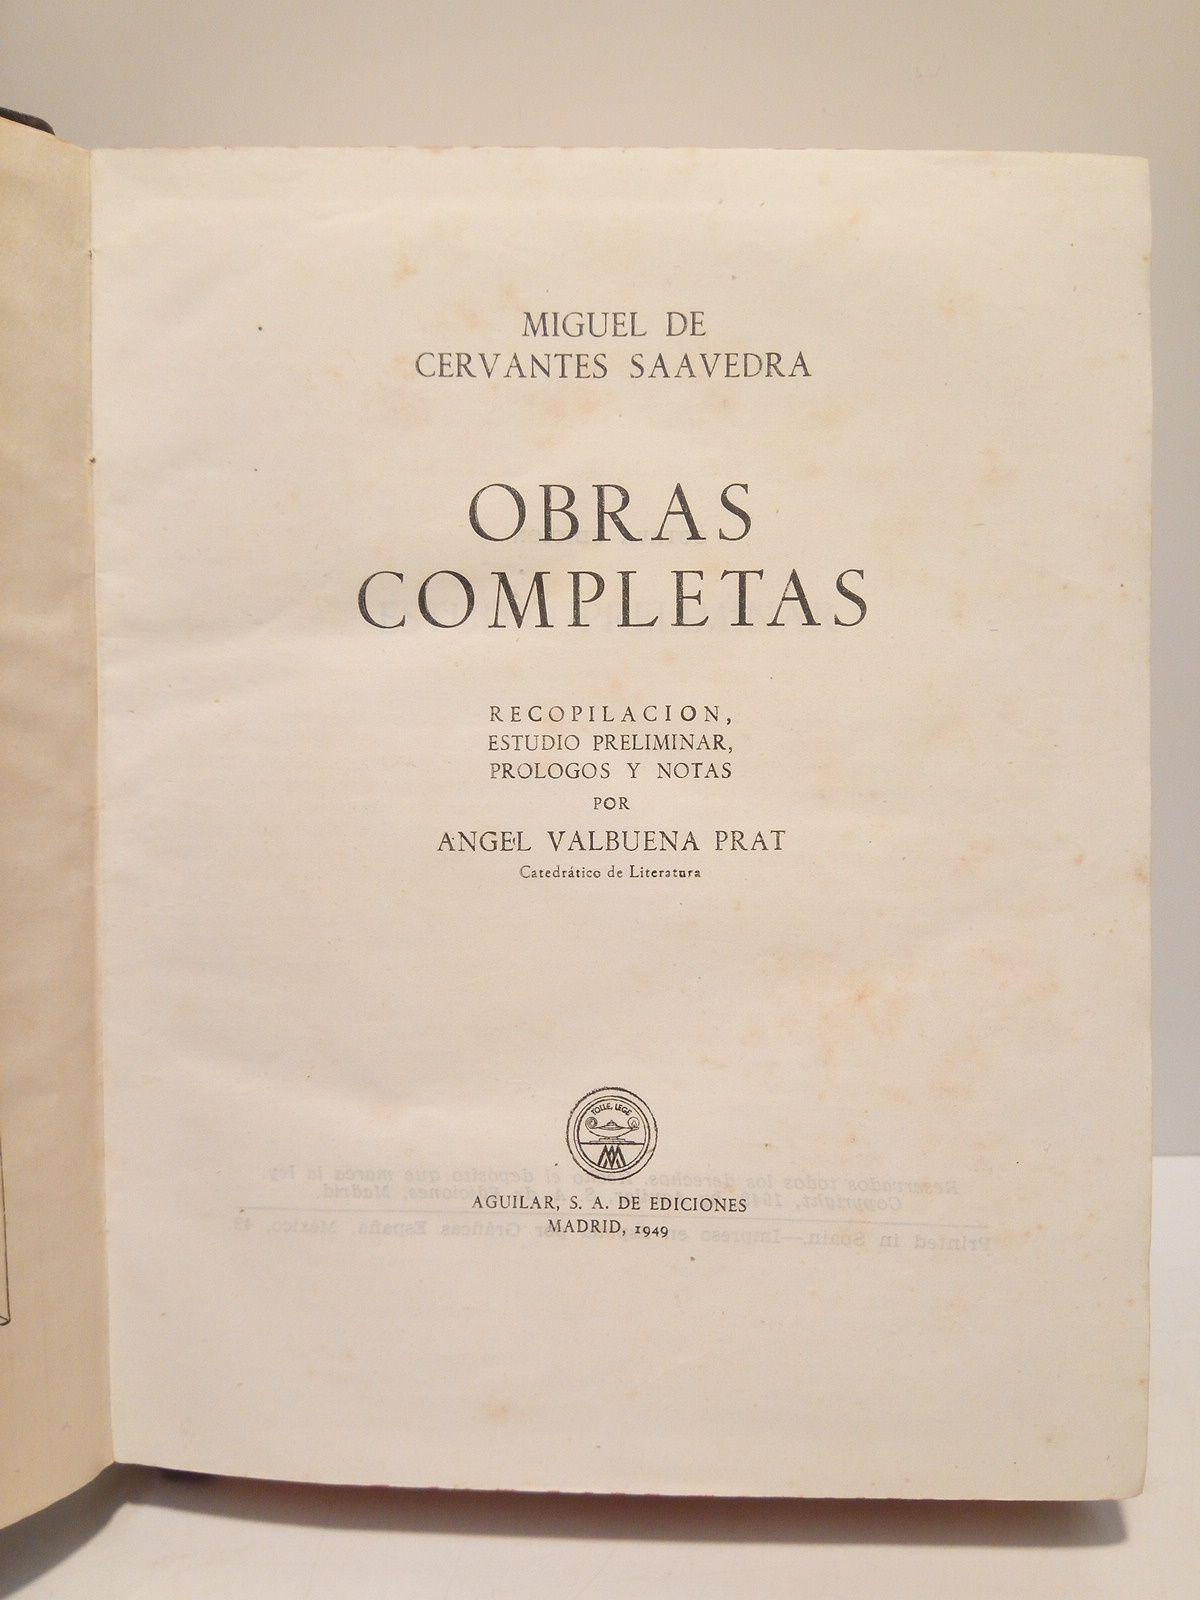 Obras Completas /  Recopilación, estudio preliminar, prólogos y notas, por Angel Valbuena Prat